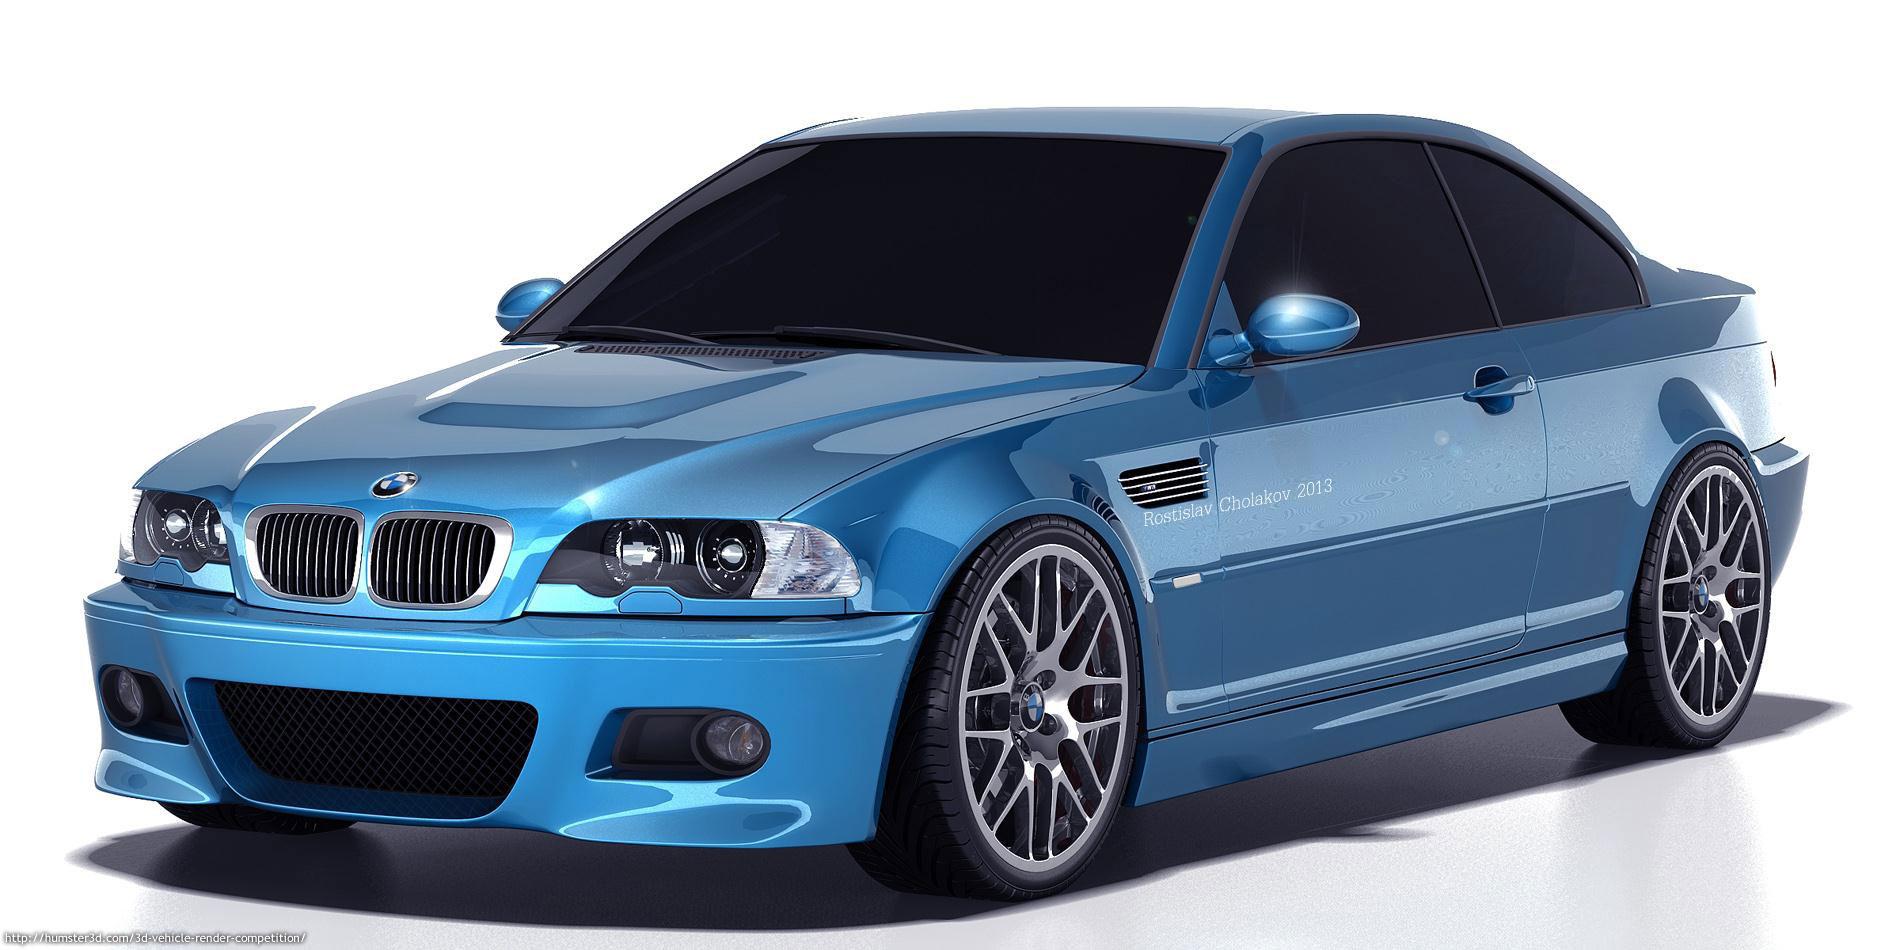 BMW M3 E46 Render 3d art